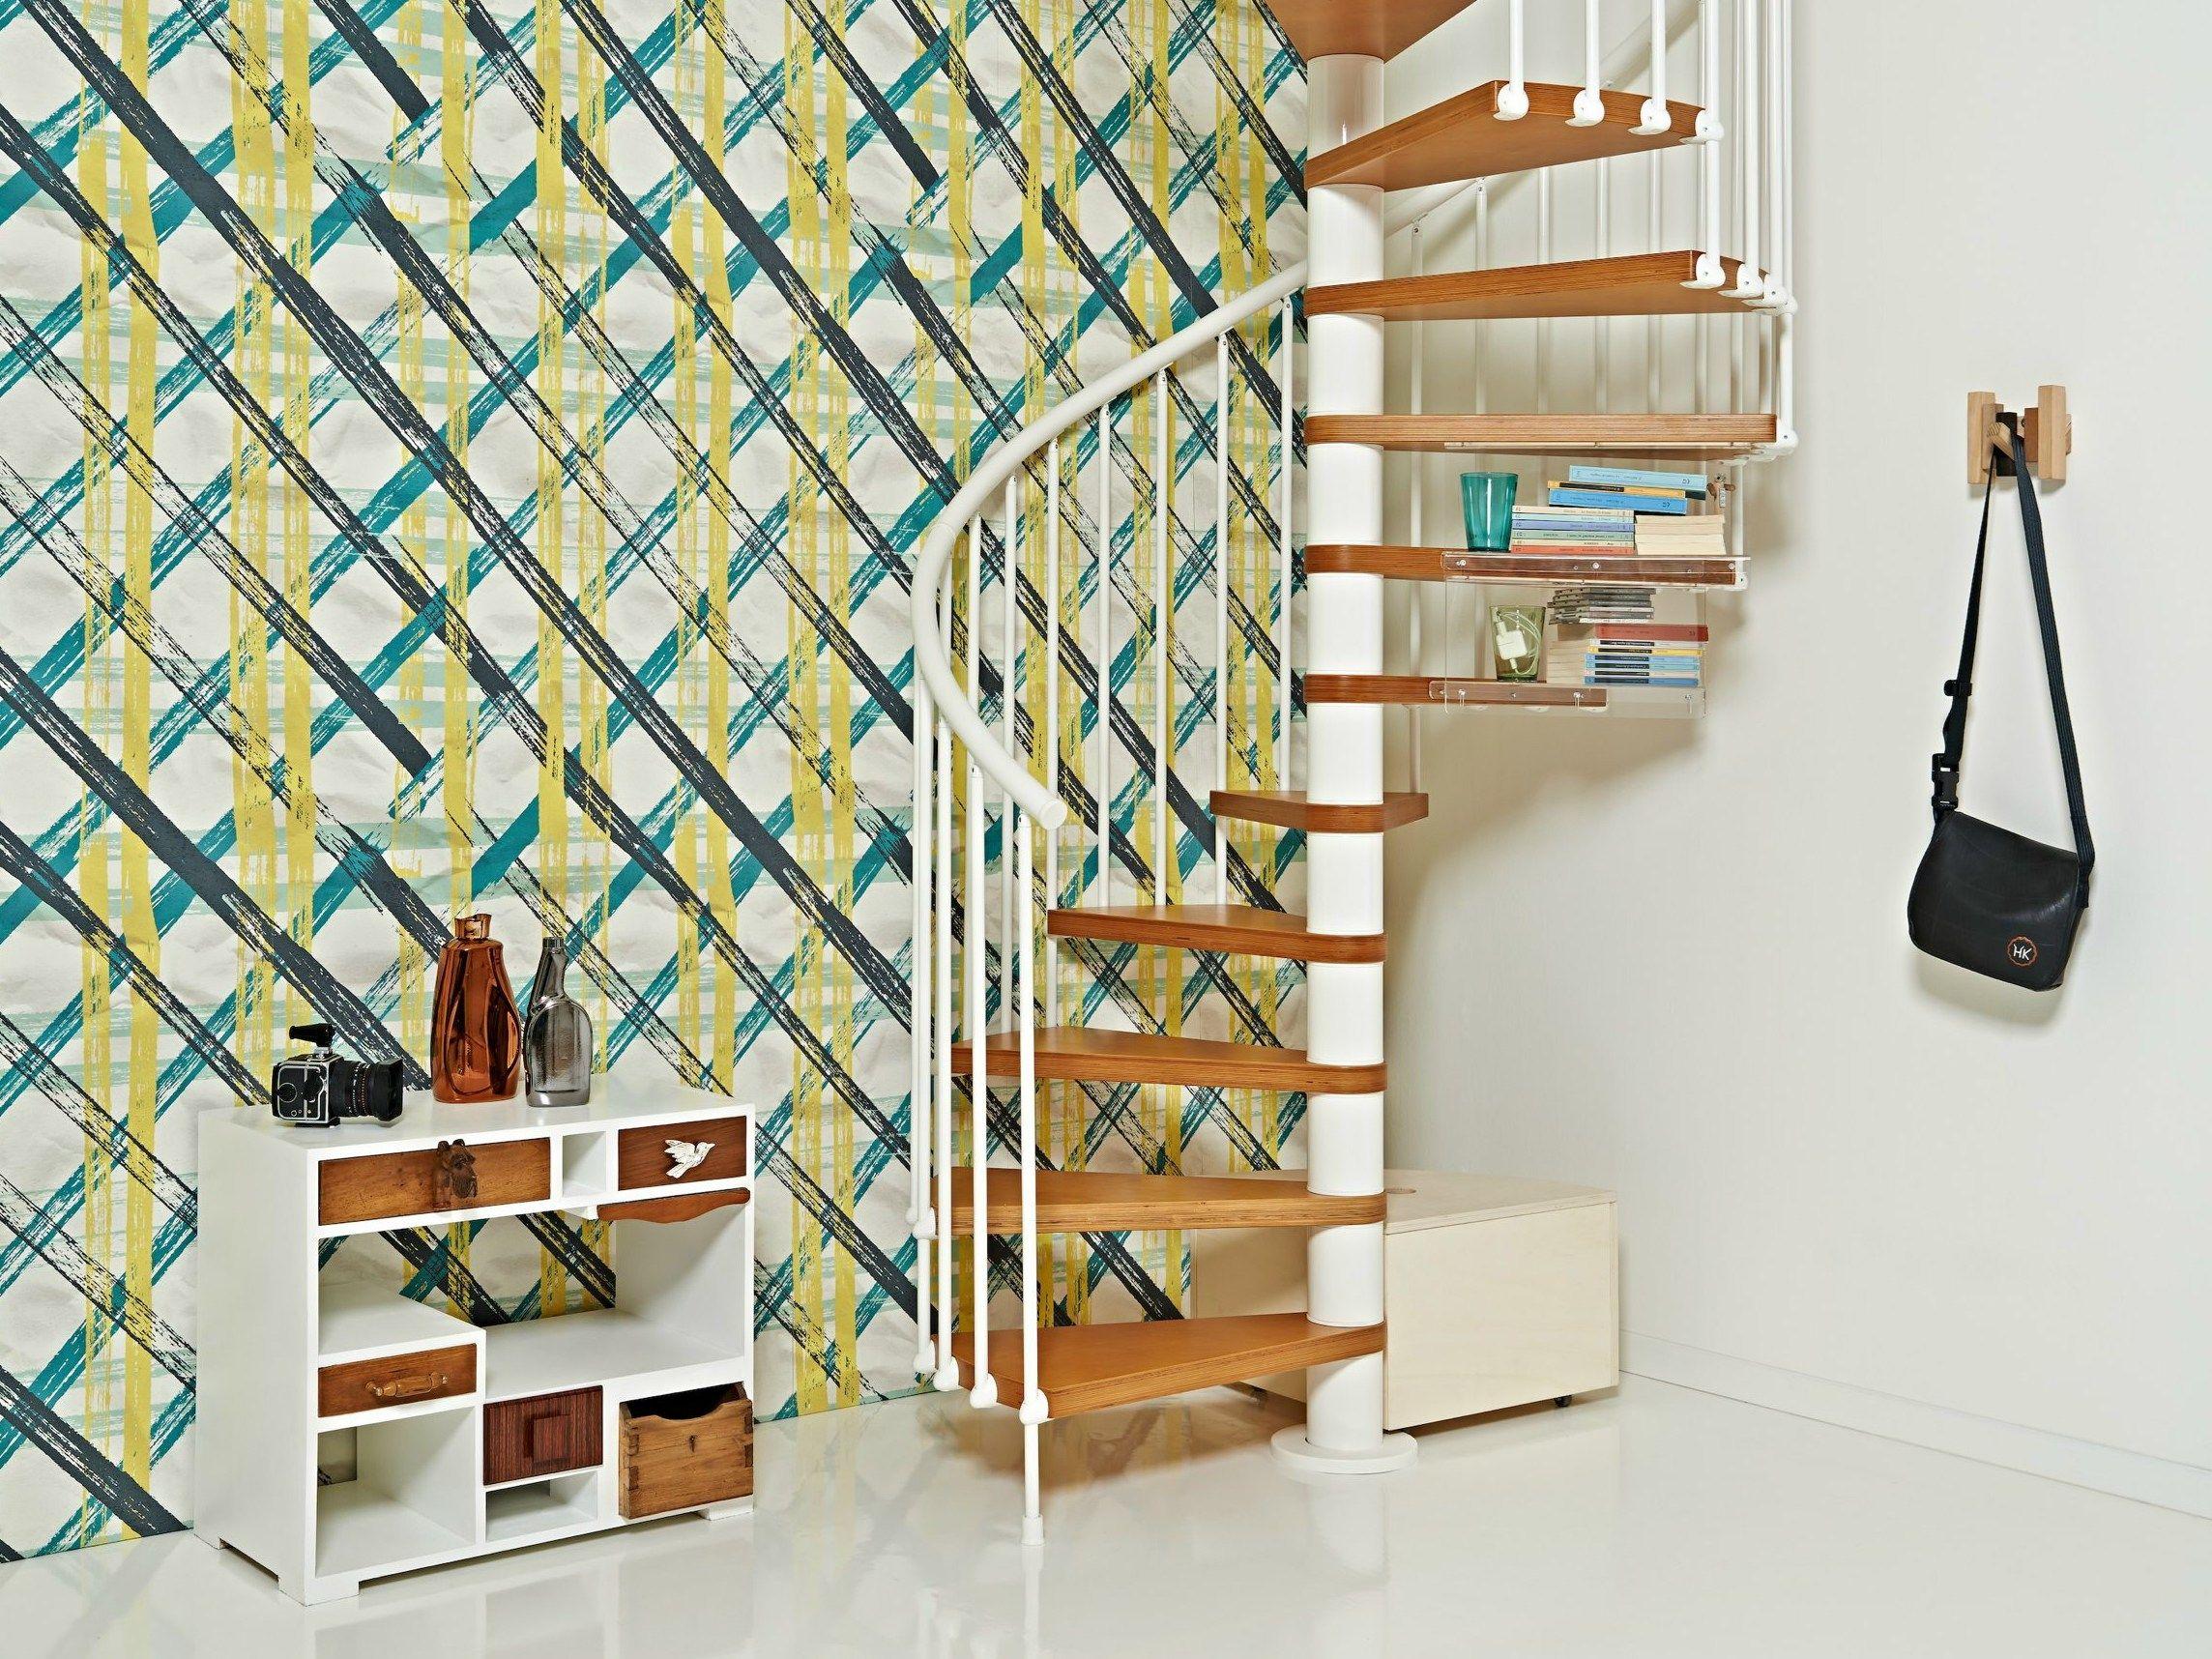 Металлические перила на лестнице в интерьере квартиры